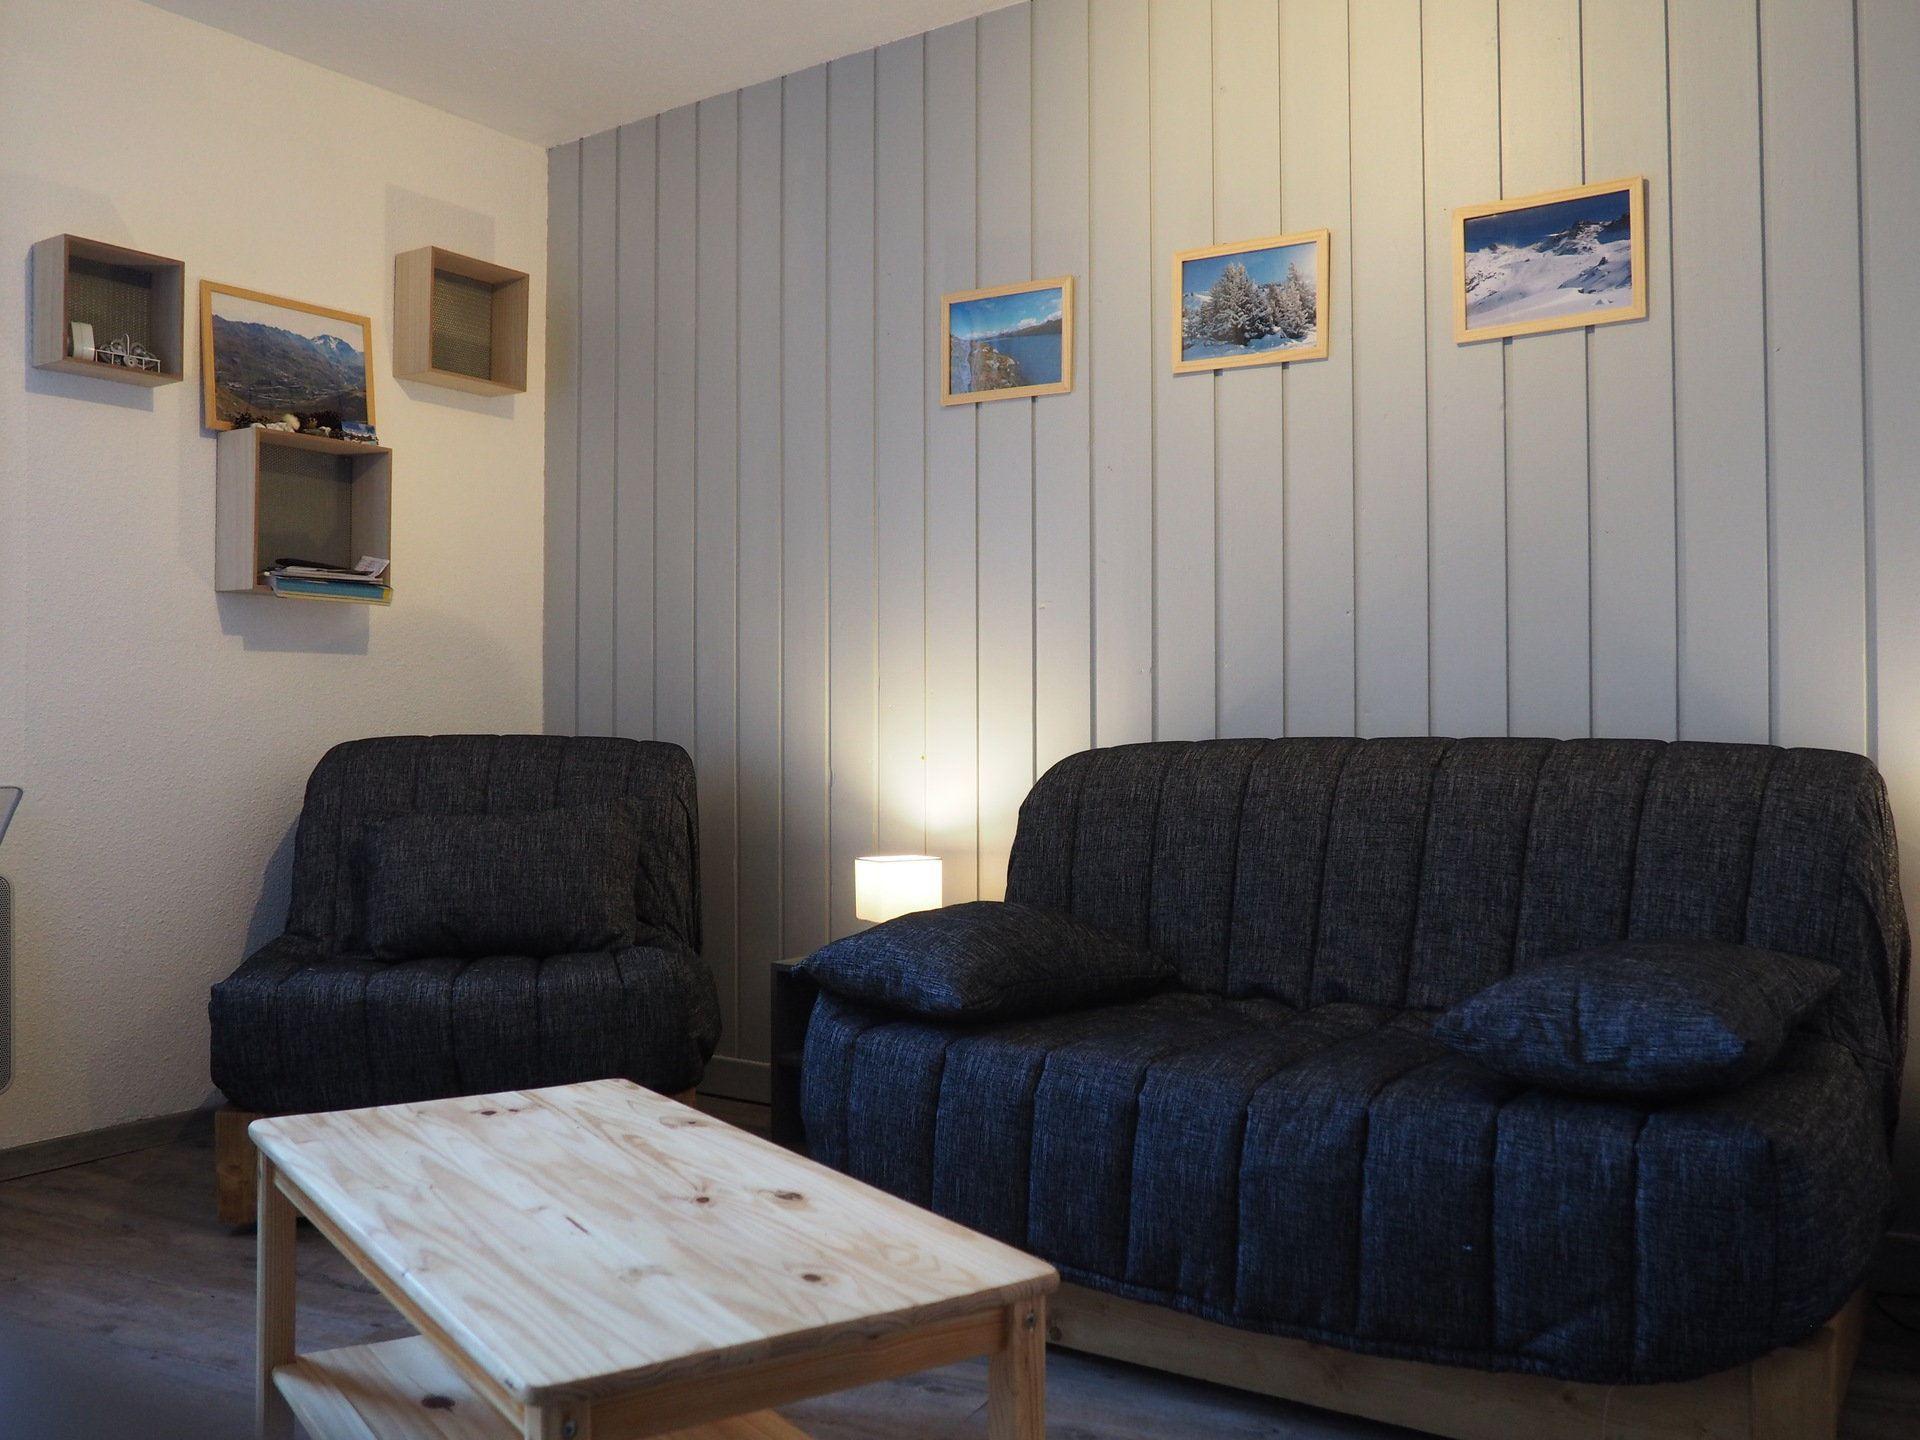 Studio cabin 5 Pers ski-in ski-out / MELEZES 63